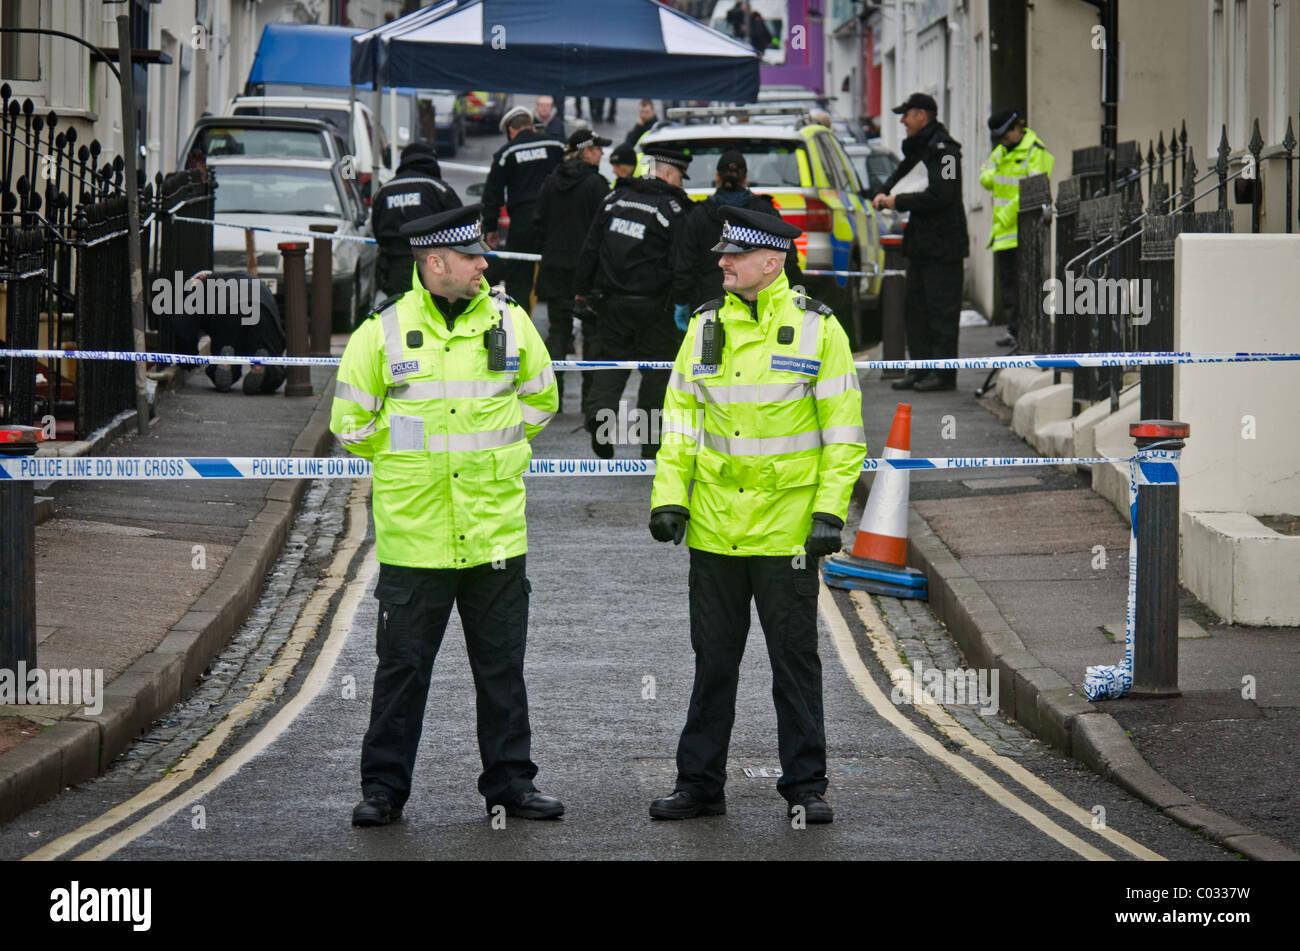 Polizei untersucht den Tatort, wo Polizei einen Verdächtigen erschossen Stockbild